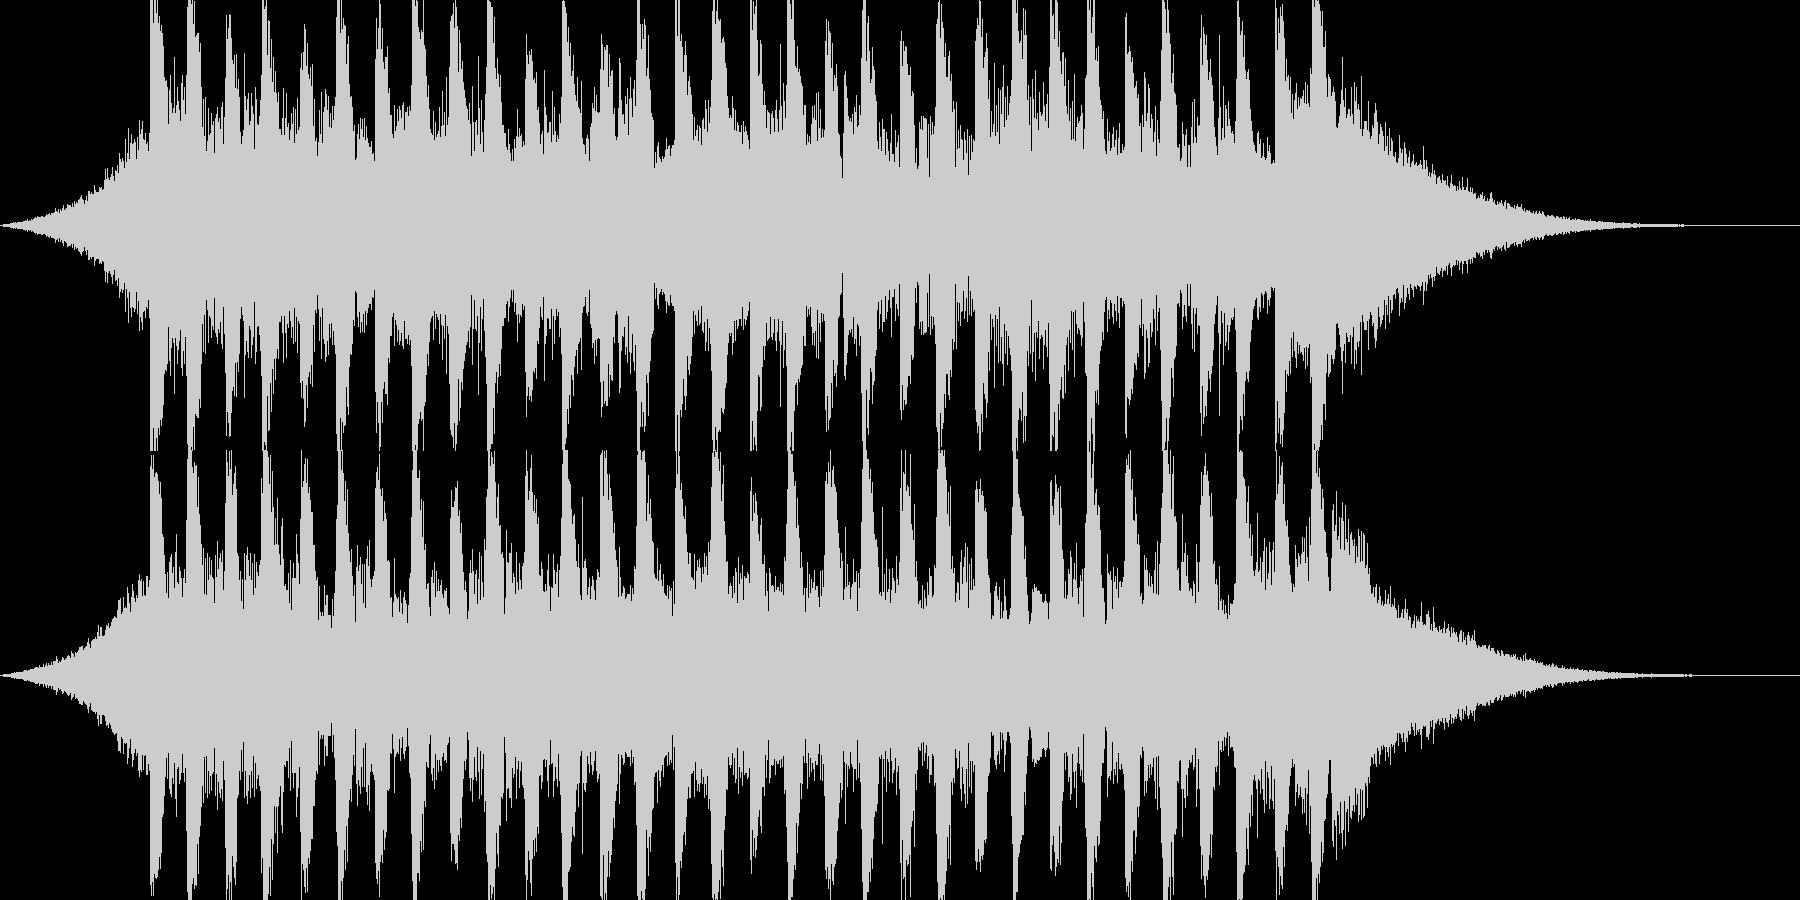 企業VP系17、爽やかギター4つ打ち2cの未再生の波形